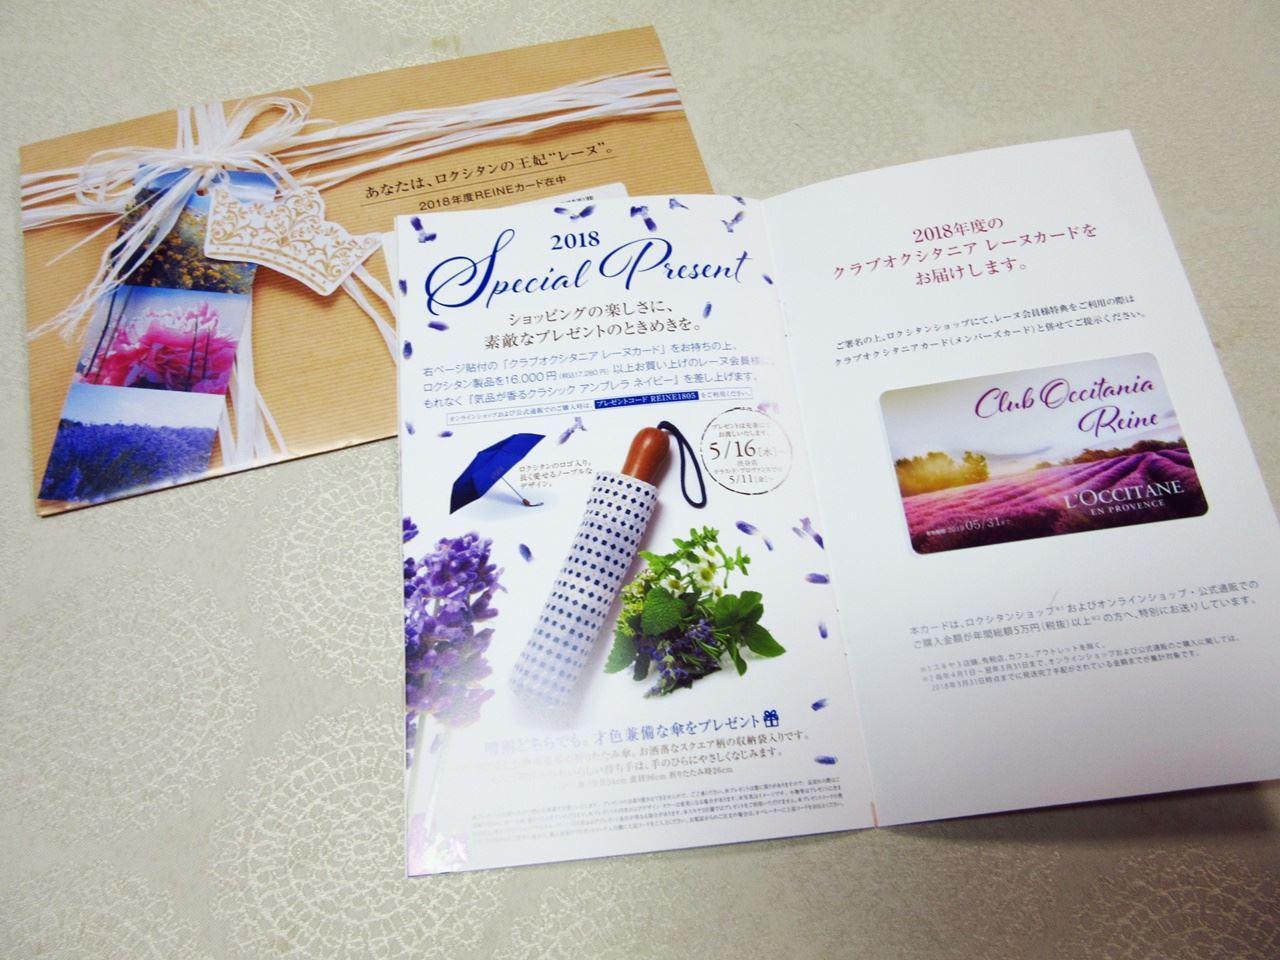 届いたレーヌ会員カードと、会員限定プレゼントの案内